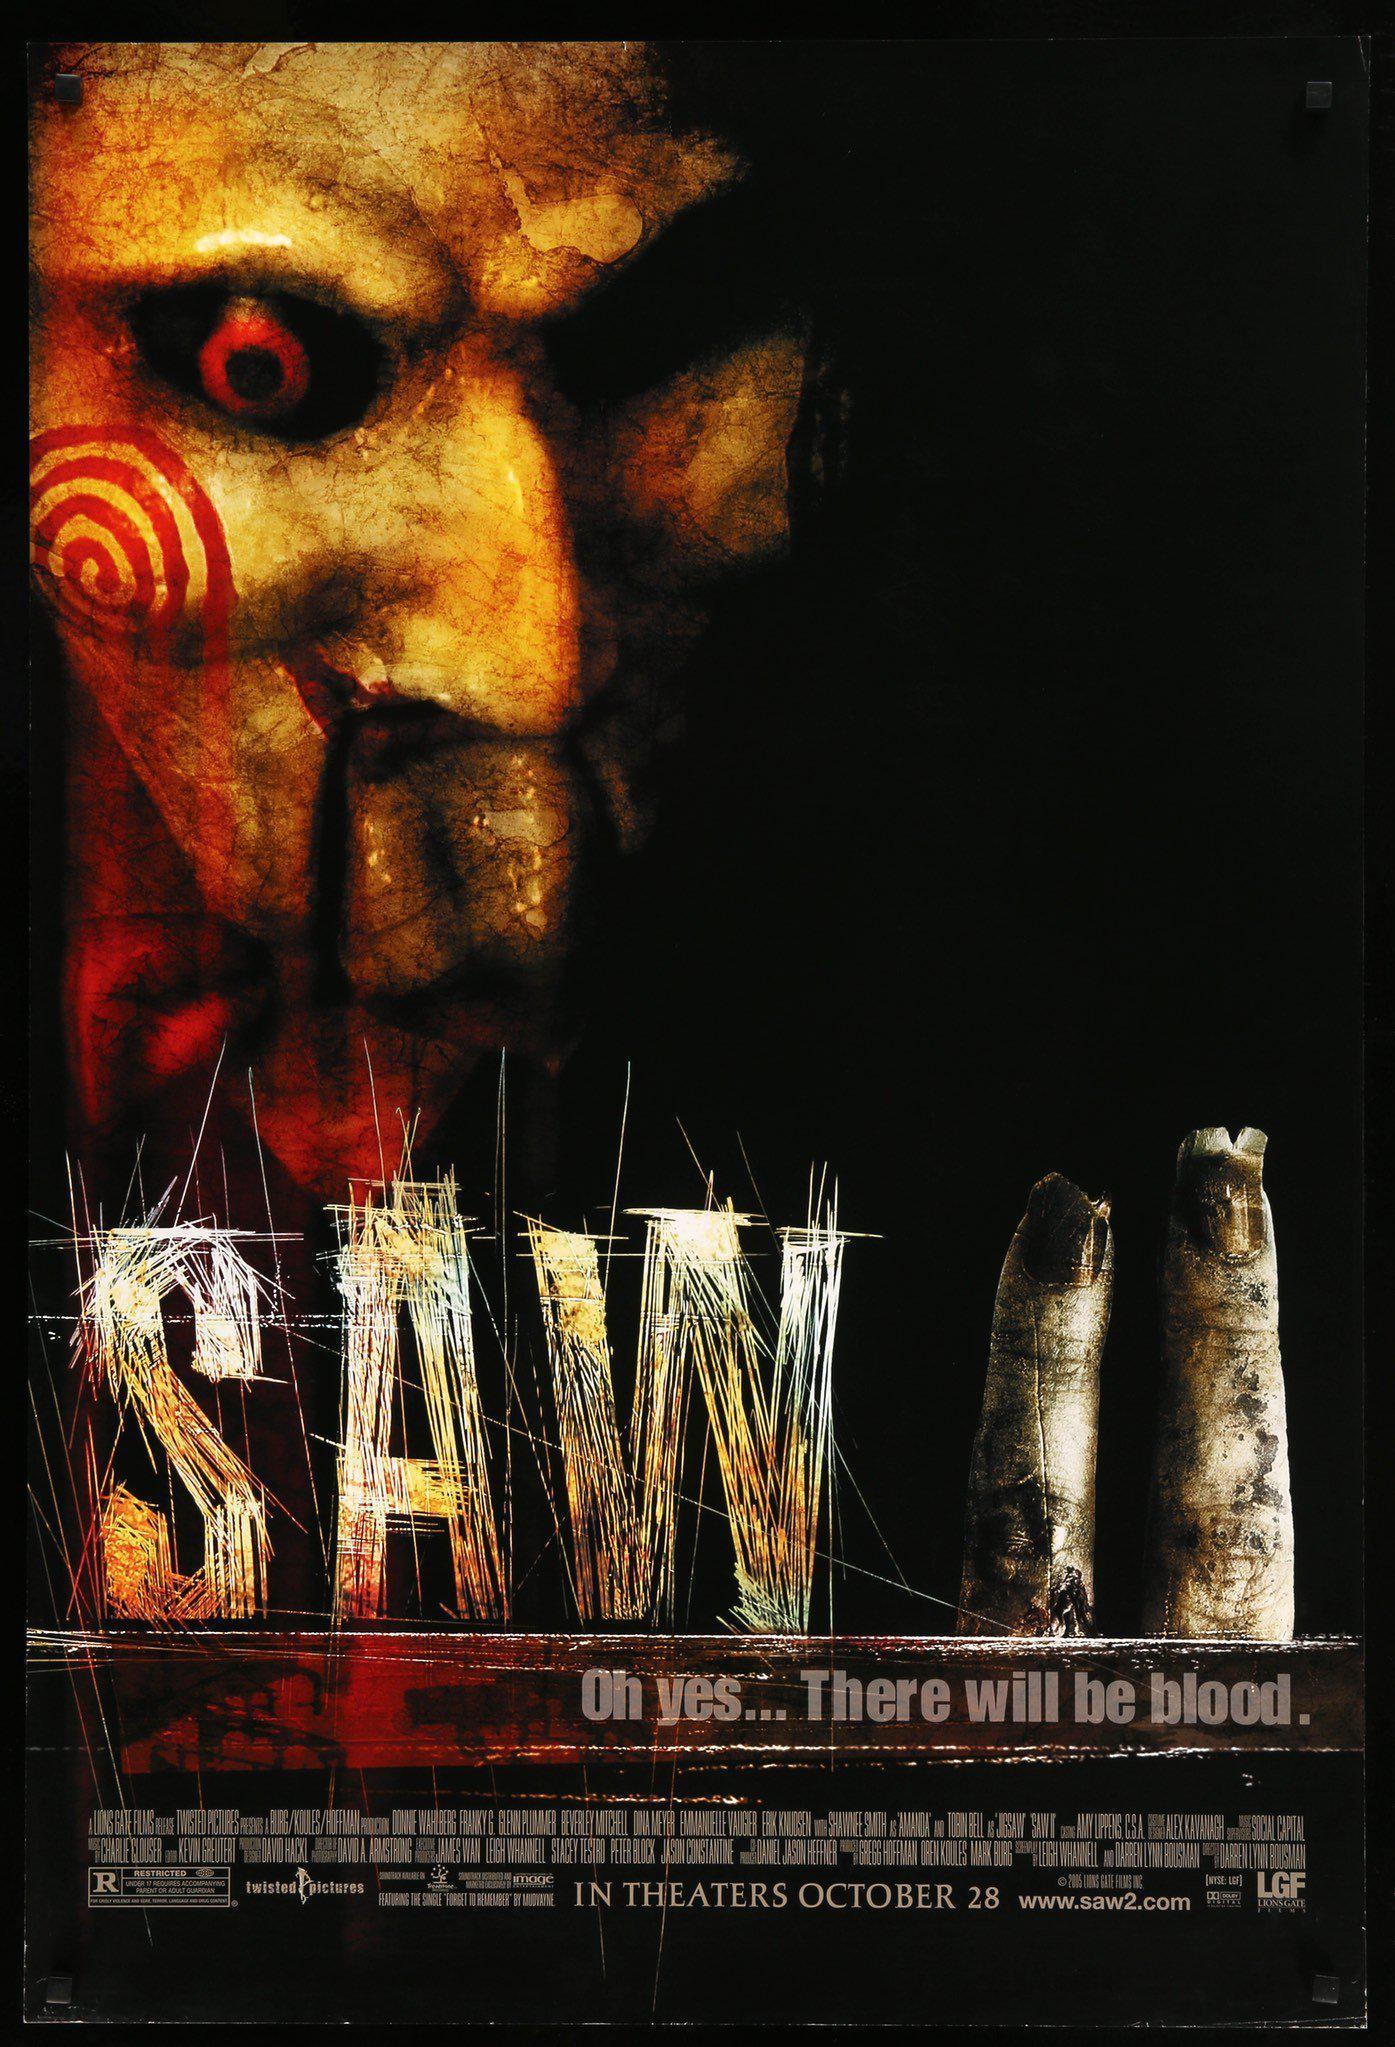 Saw_II_2005_original_film_art_5000x.jpg